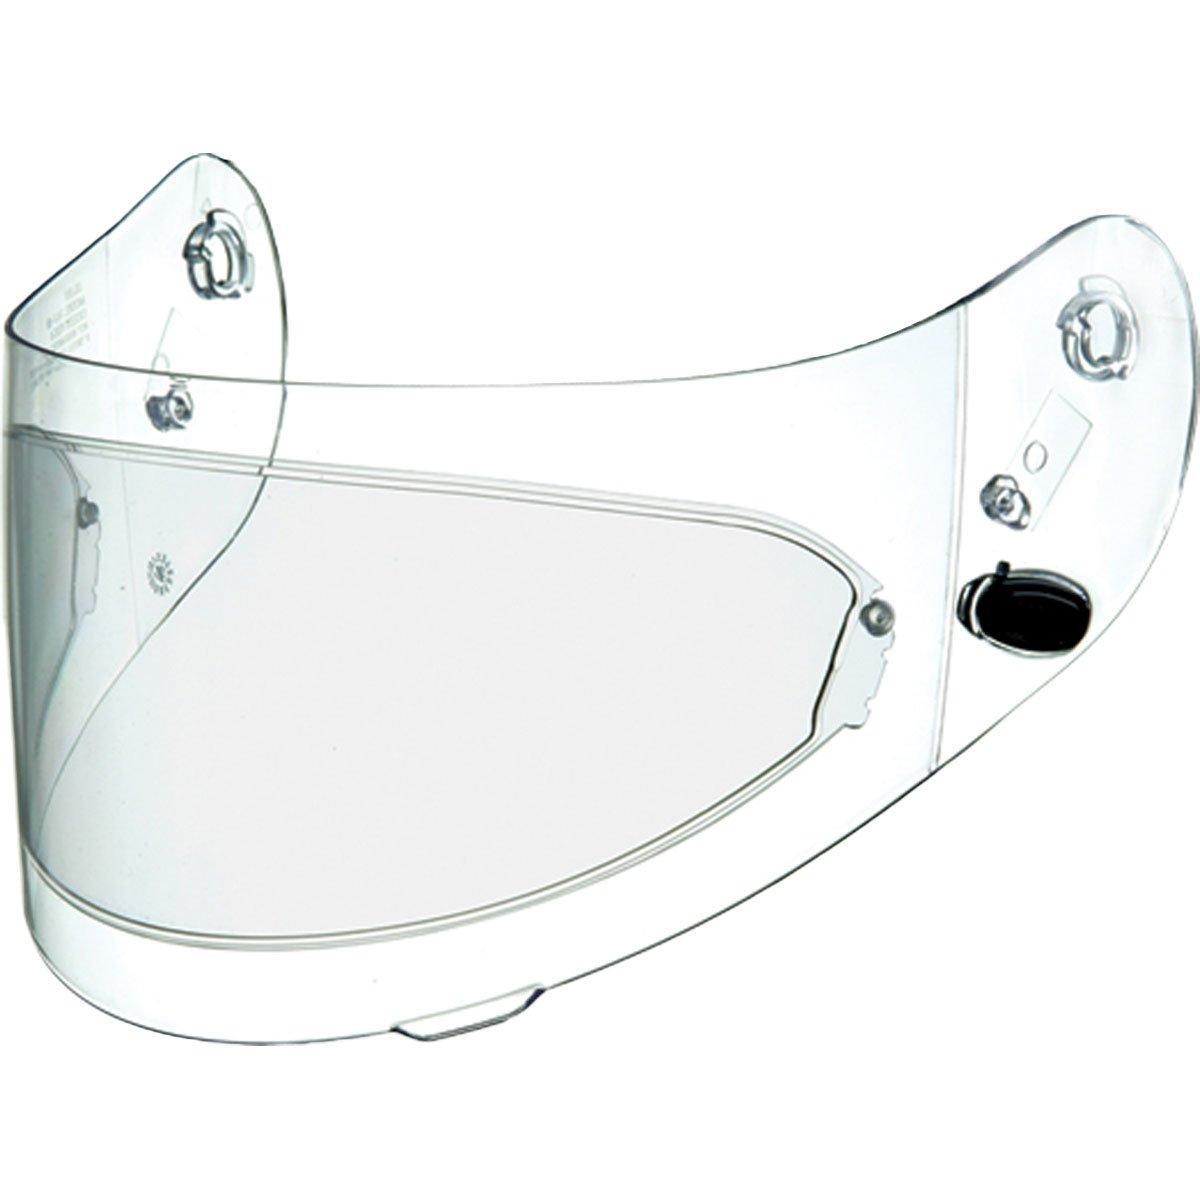 HJC HJ-09 Pinlock Shield Motorcycle Helmet Accessories - Clear One Size by HJC Helmets